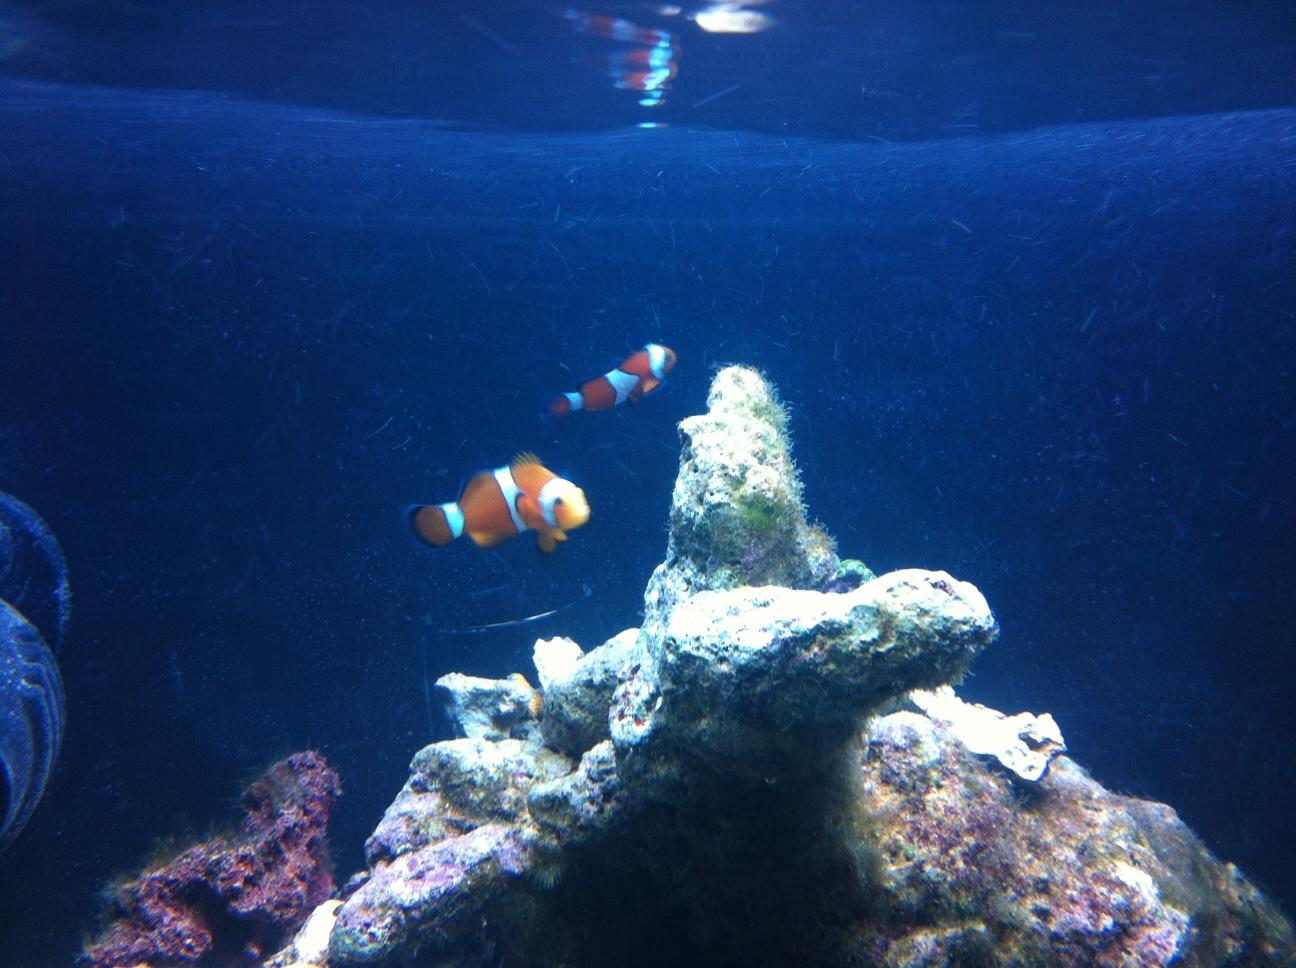 Primeros peces en el acuario de arrecife marino el blog for Piscina de peces